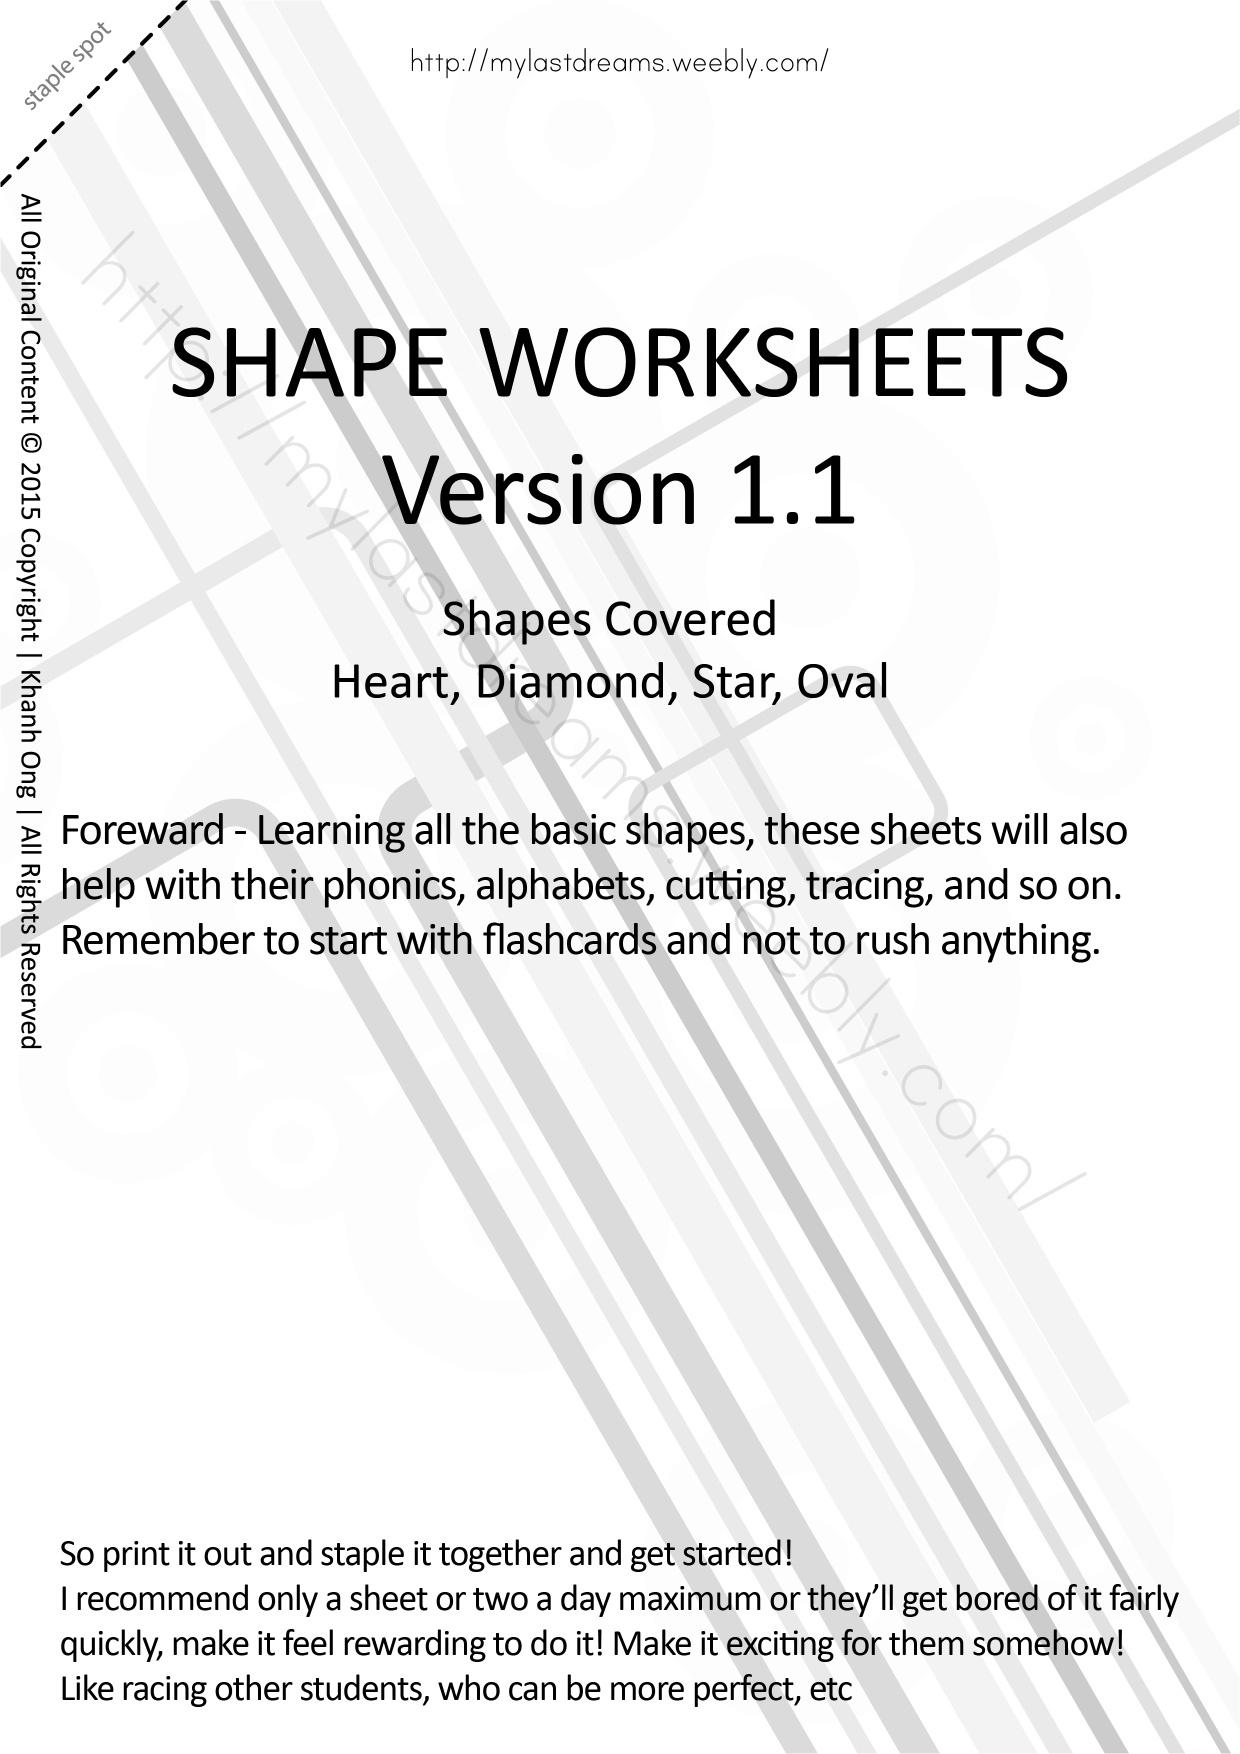 MLD - Basic Shapes Worksheets - Full Set - A4 Sized